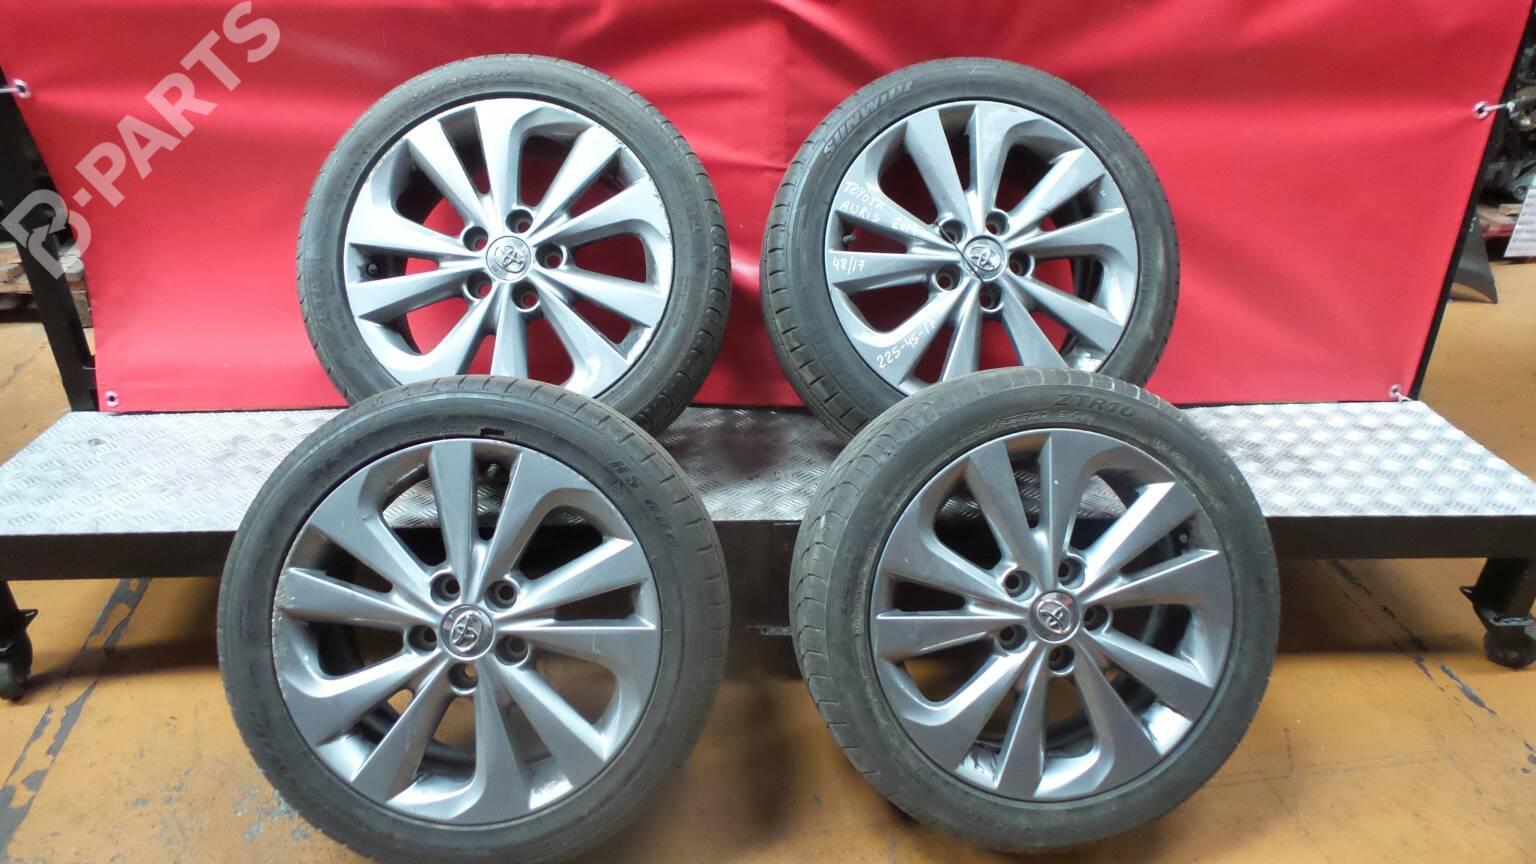 Toyota Auris 17 Original Alu Felgen Mit 225 45 17 Gjr Neuwertig